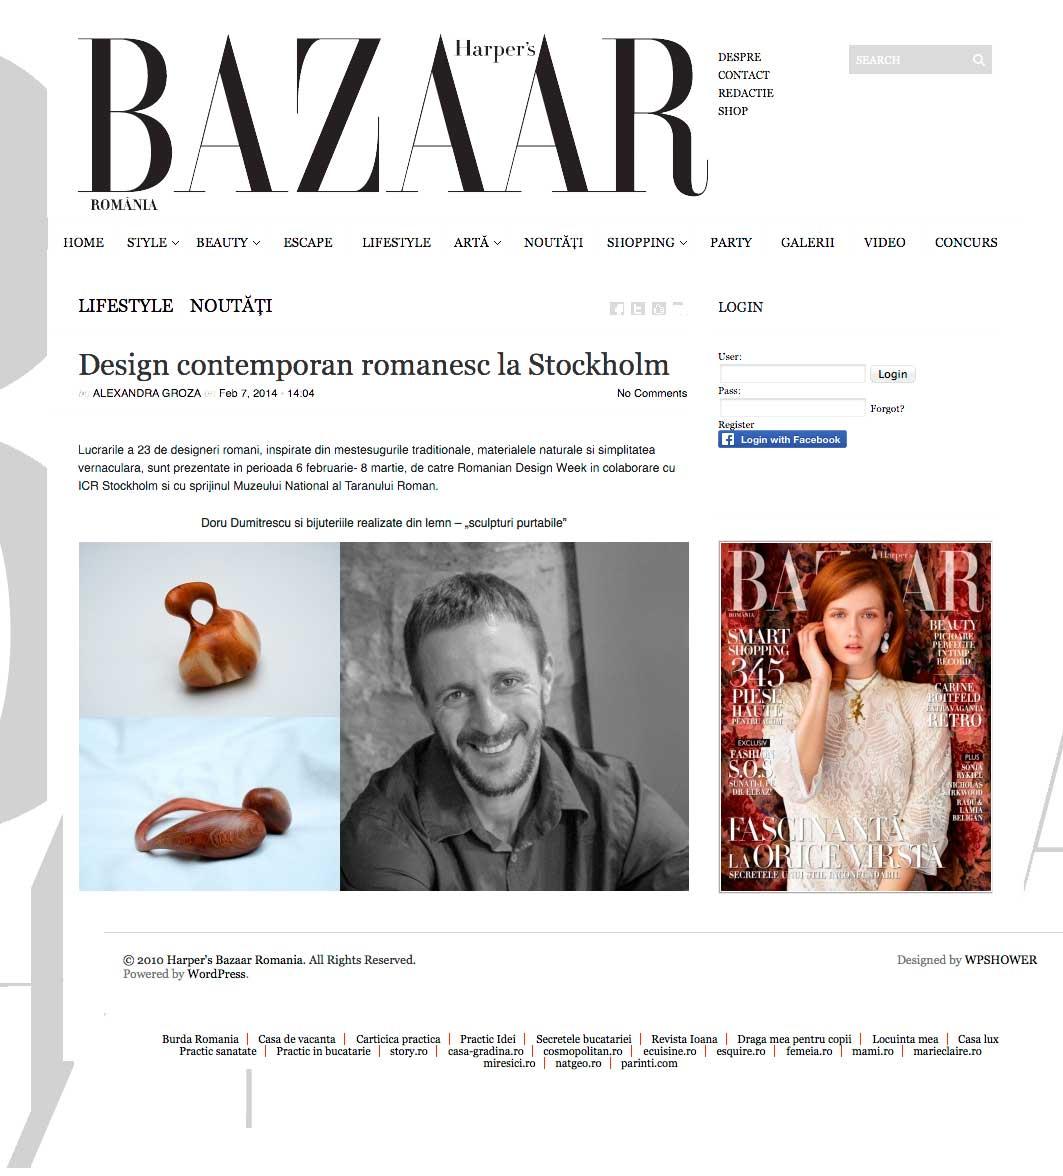 Harper's Bazar Romania, Doru Dumitresku, portrait – febbraio 2014